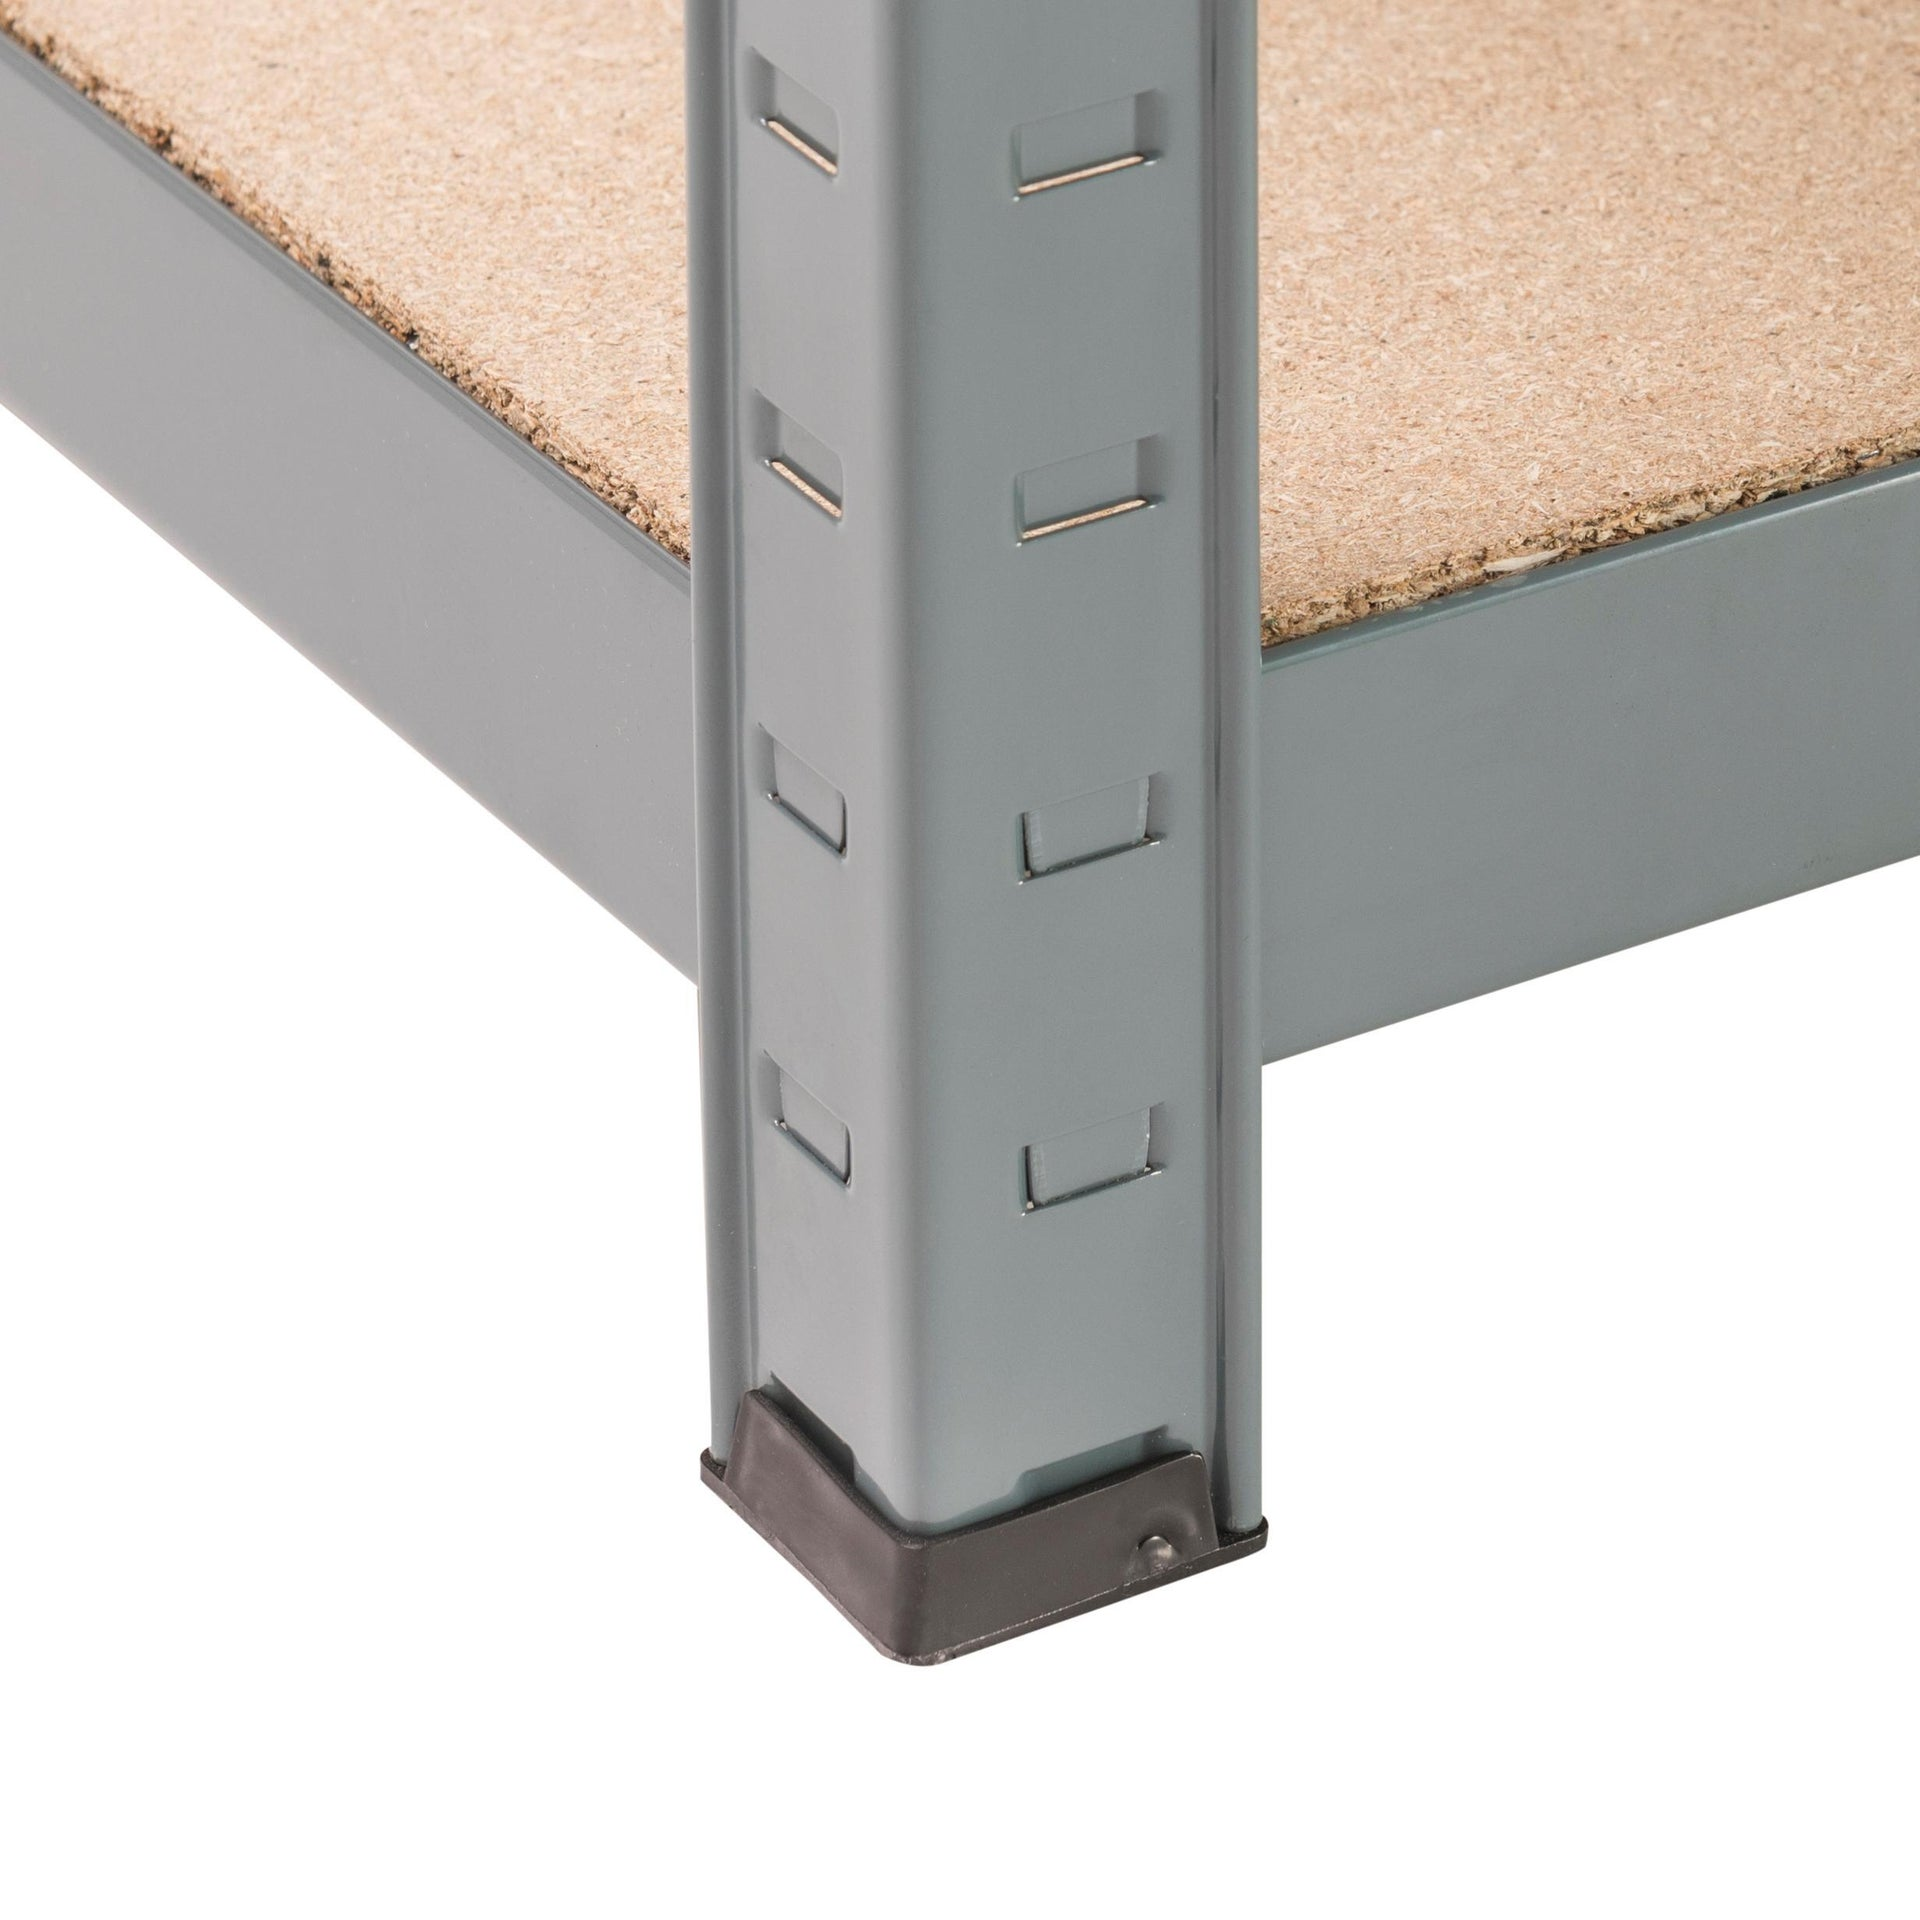 Scaffale in metallo in kit Spaceo L 120 x P 50 x H 196 cm grigio antracite - 2